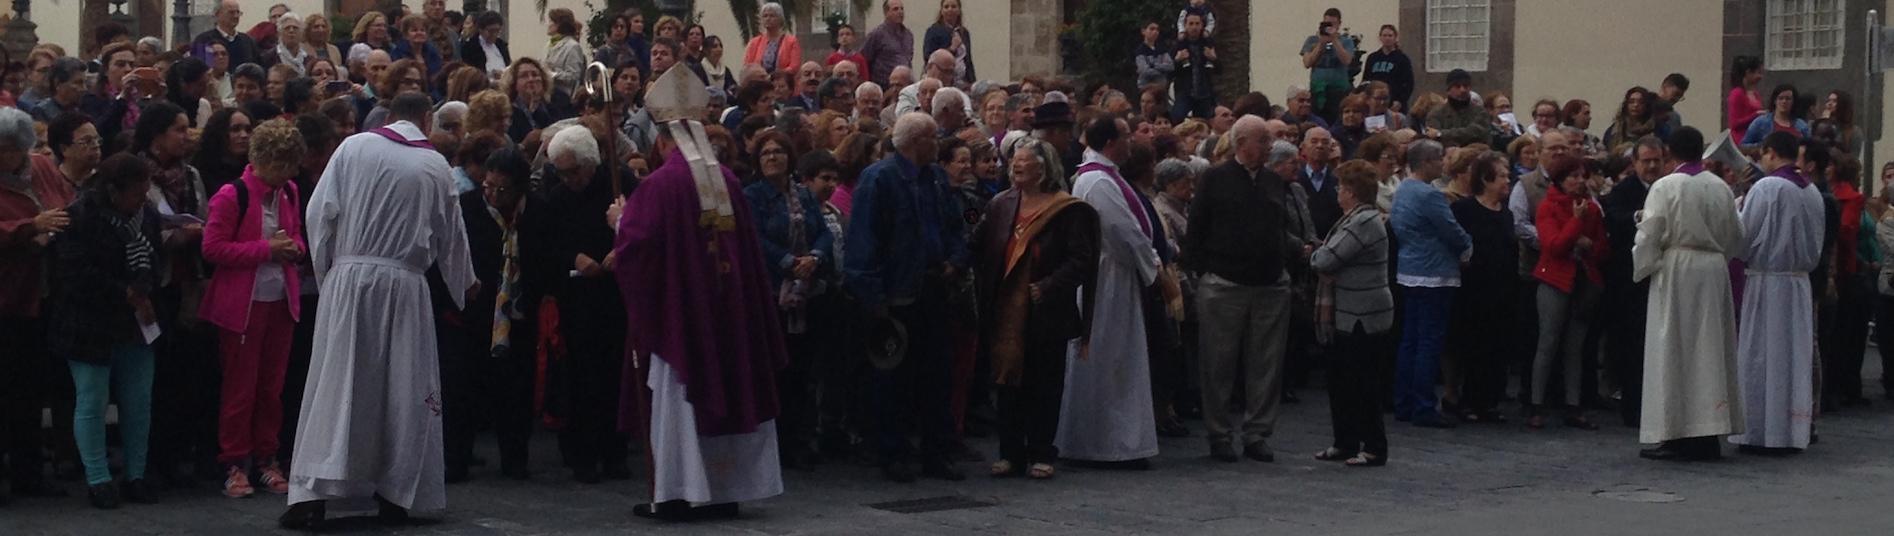 Calendario Curas Vaticano 2019.Cases Afronta Su Ultimo Curso Pastoral Antes De Renunciar